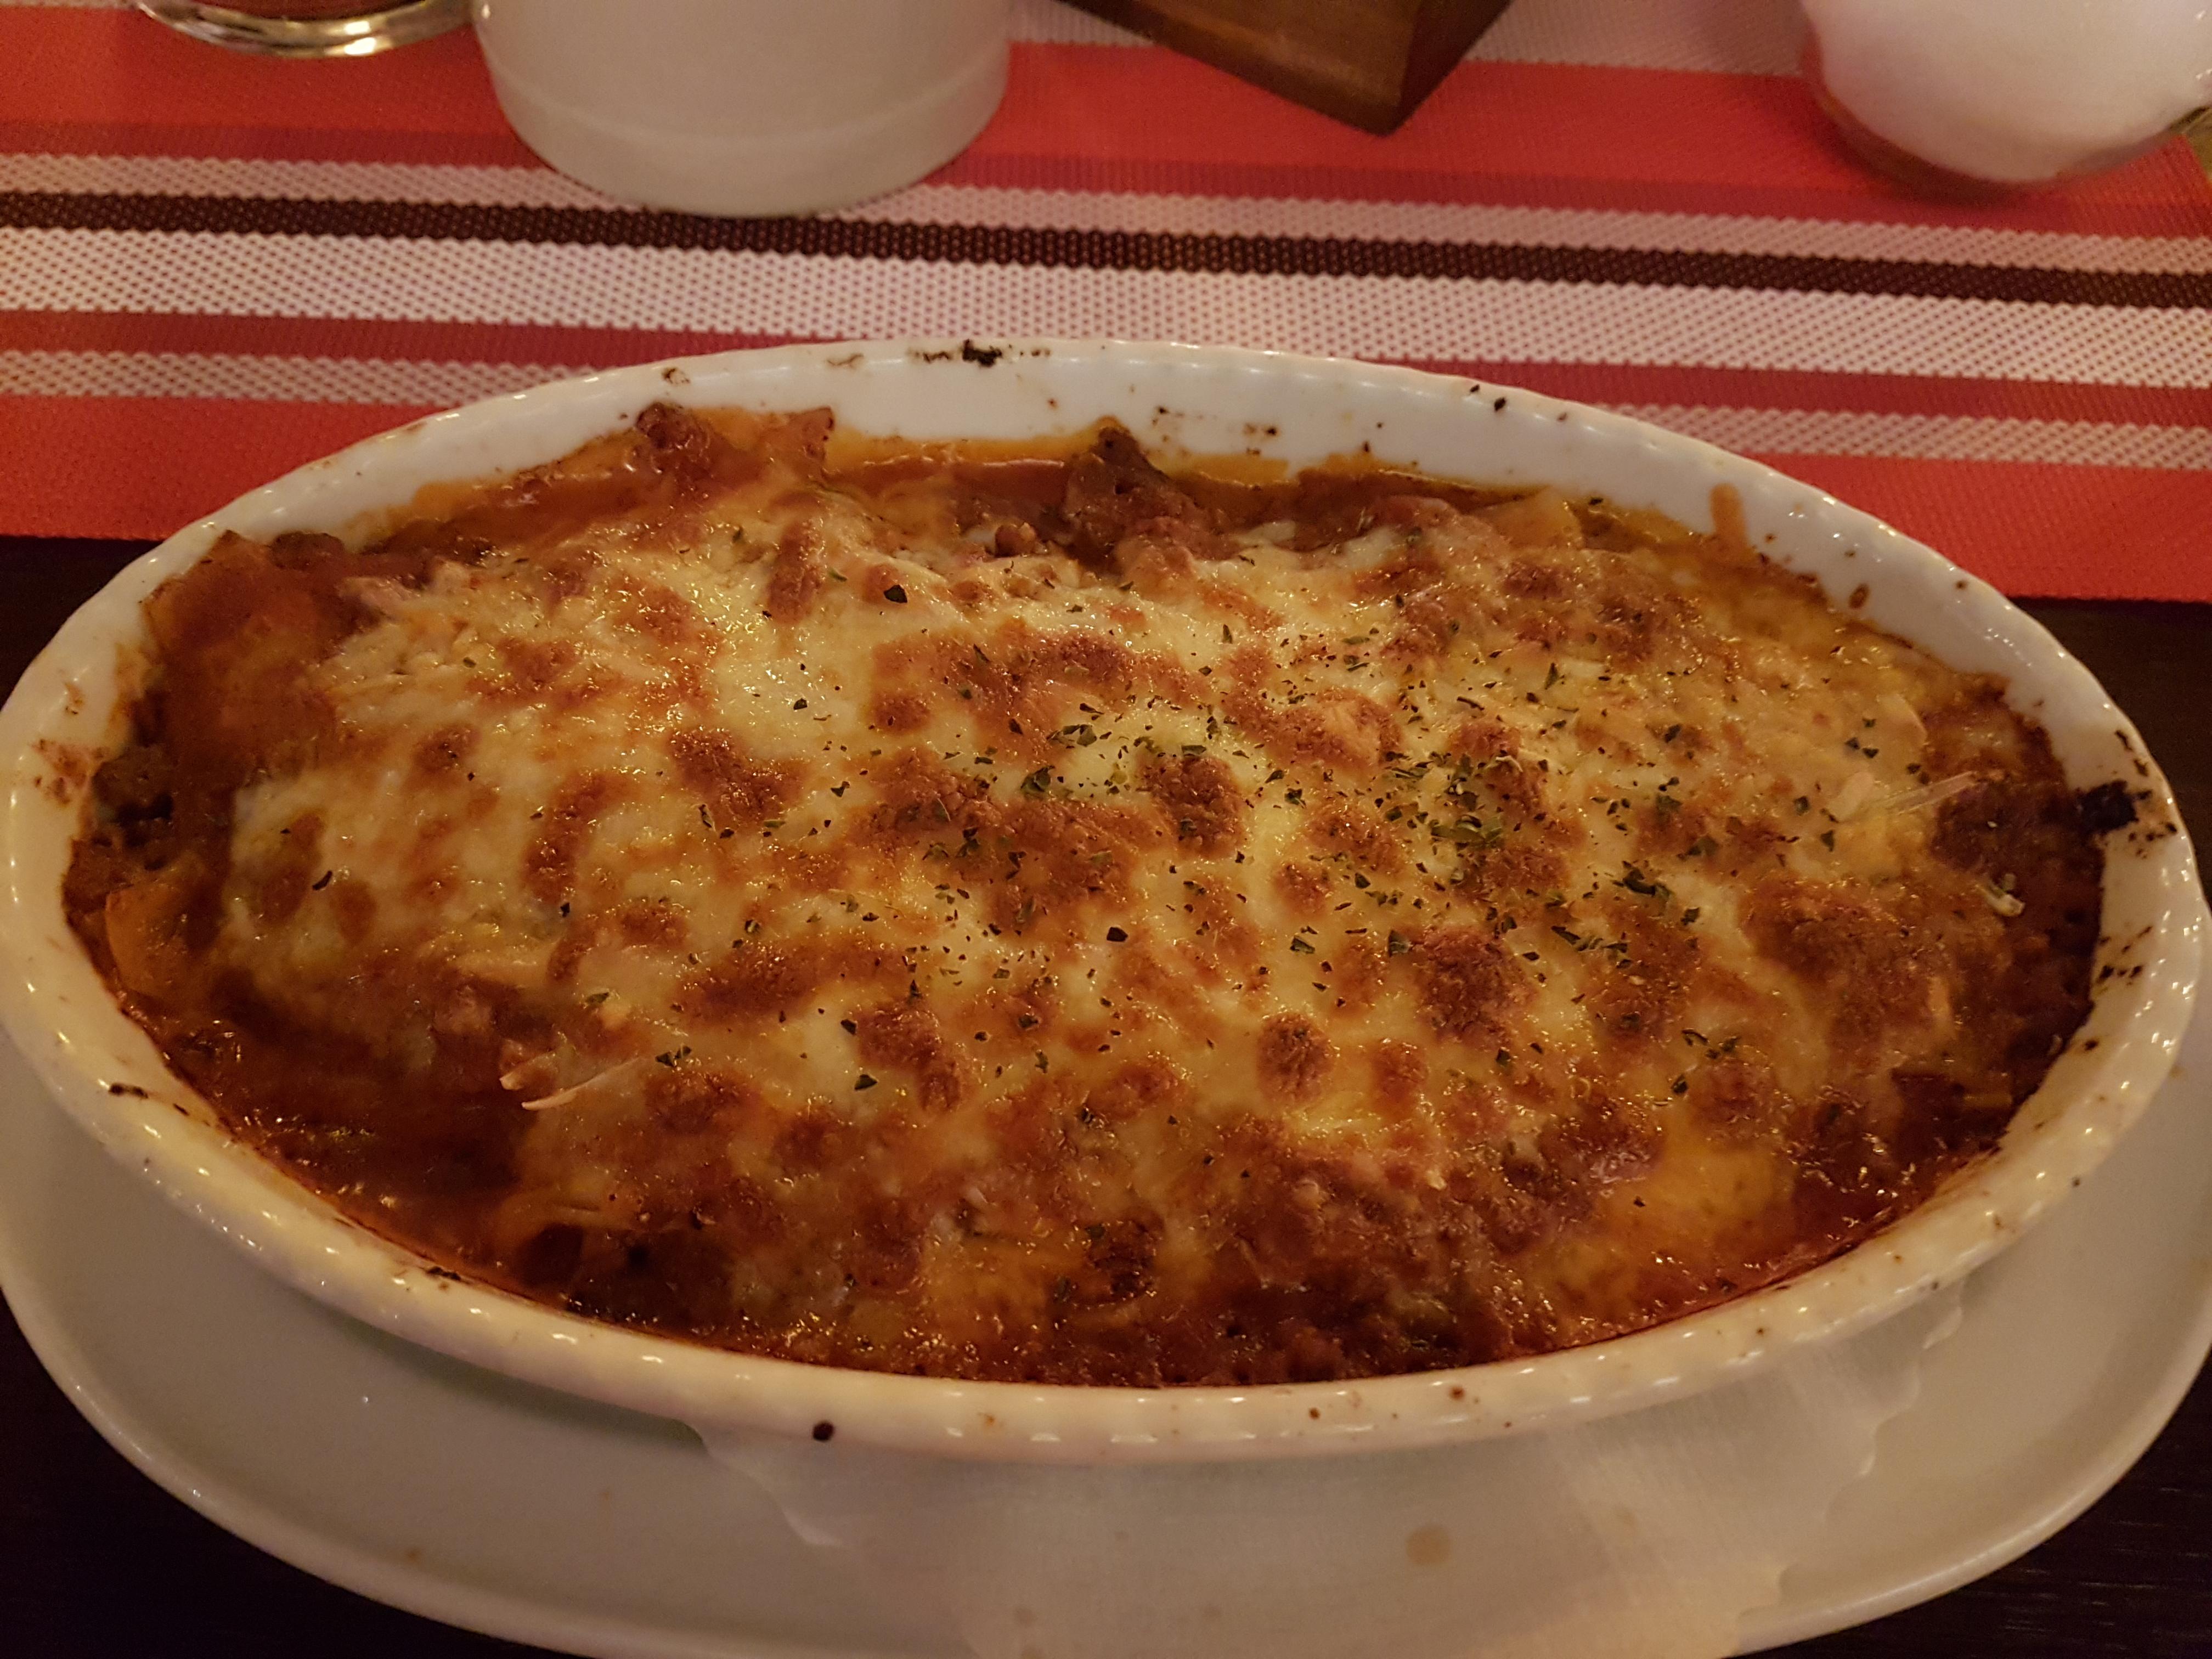 https://foodloader.net/Holz_2019-03-15_Lasagne.jpg